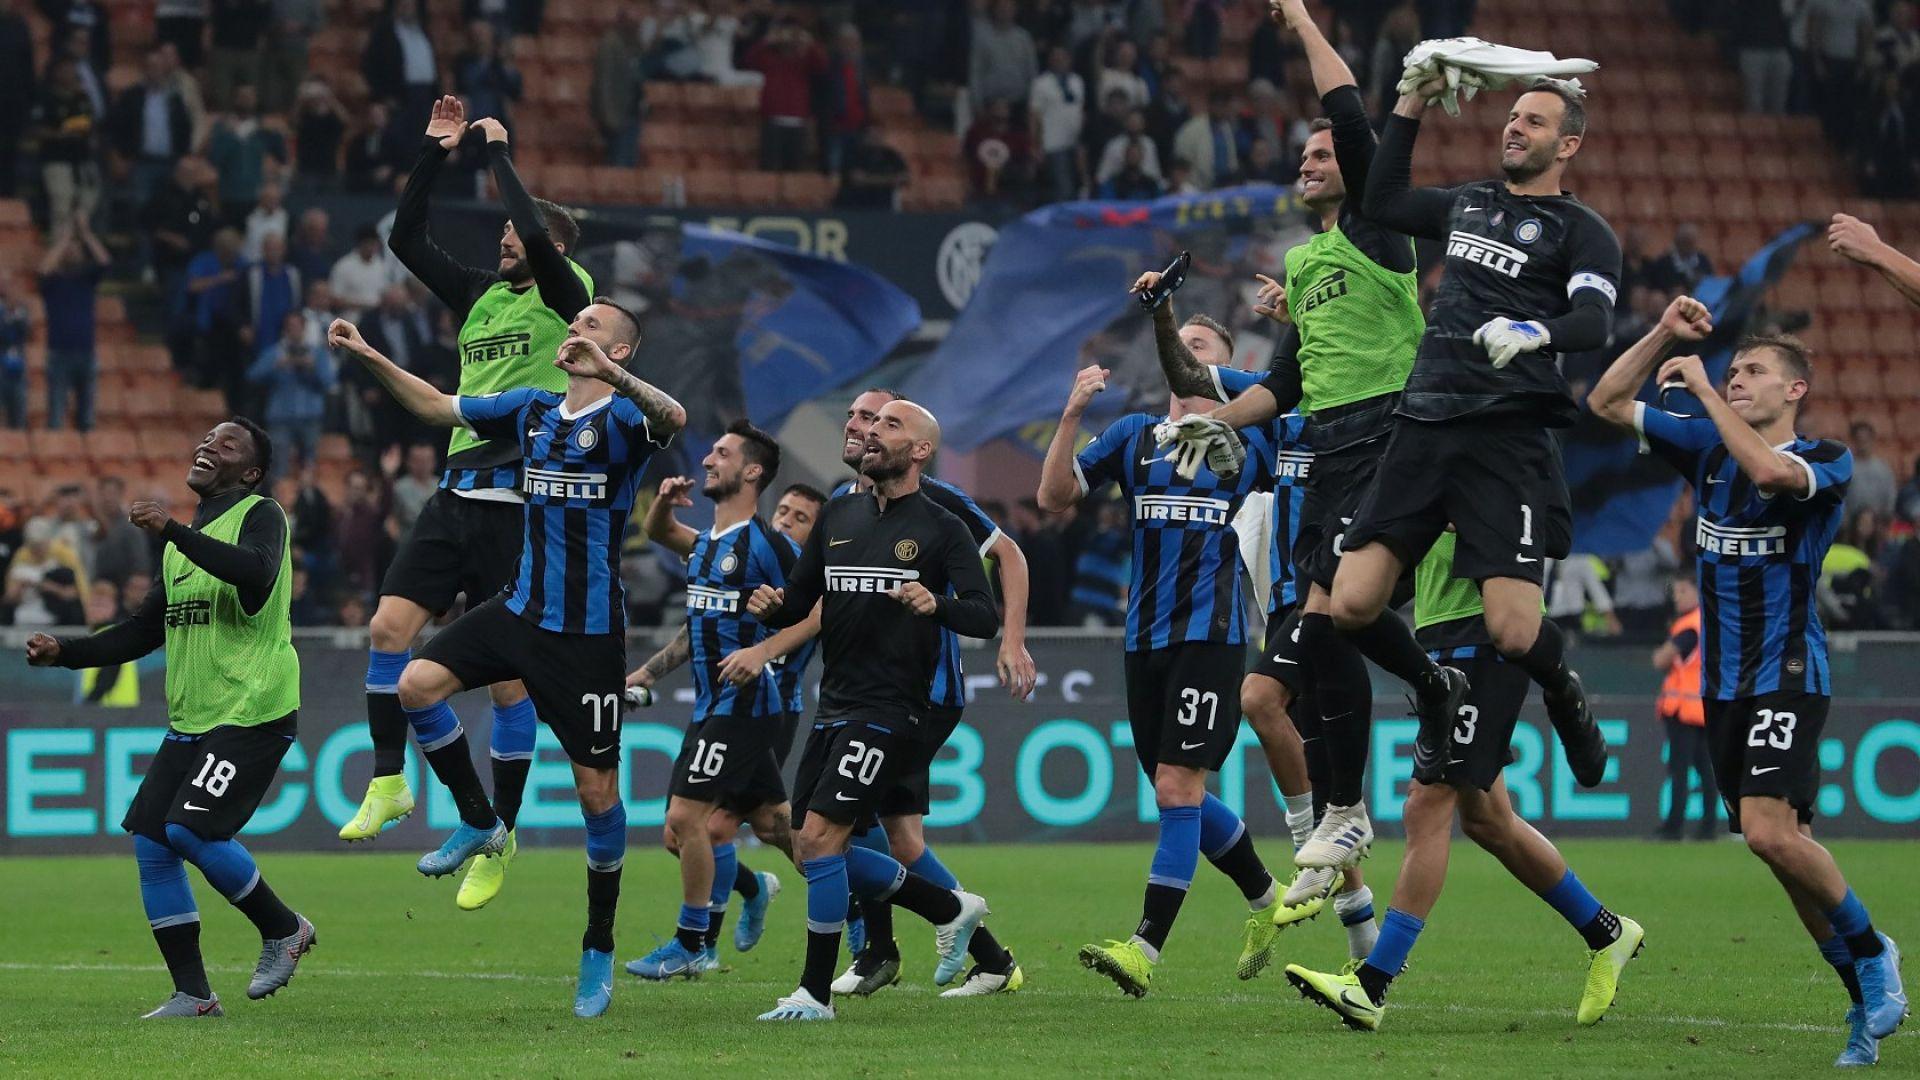 Отличен 5: Интер на Конте удари и Лацио, вече мечтае за титлата (резултати)